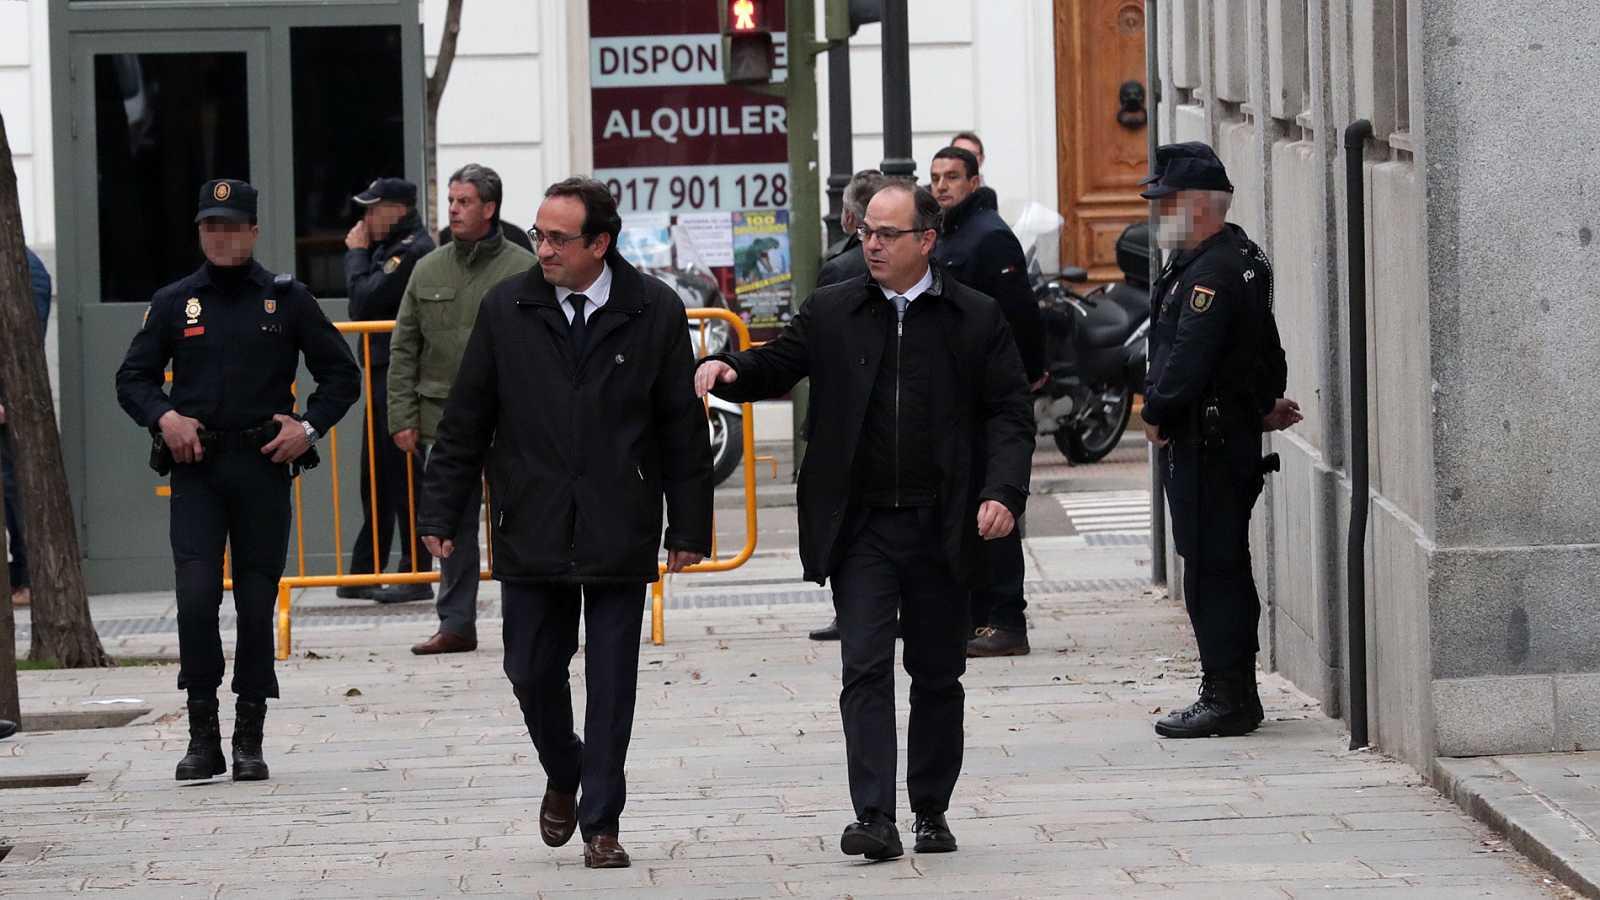 El juez procesa a 13 investigados por rebelión, incluidos Puigdemont, Turull, Junqueras y Rovira